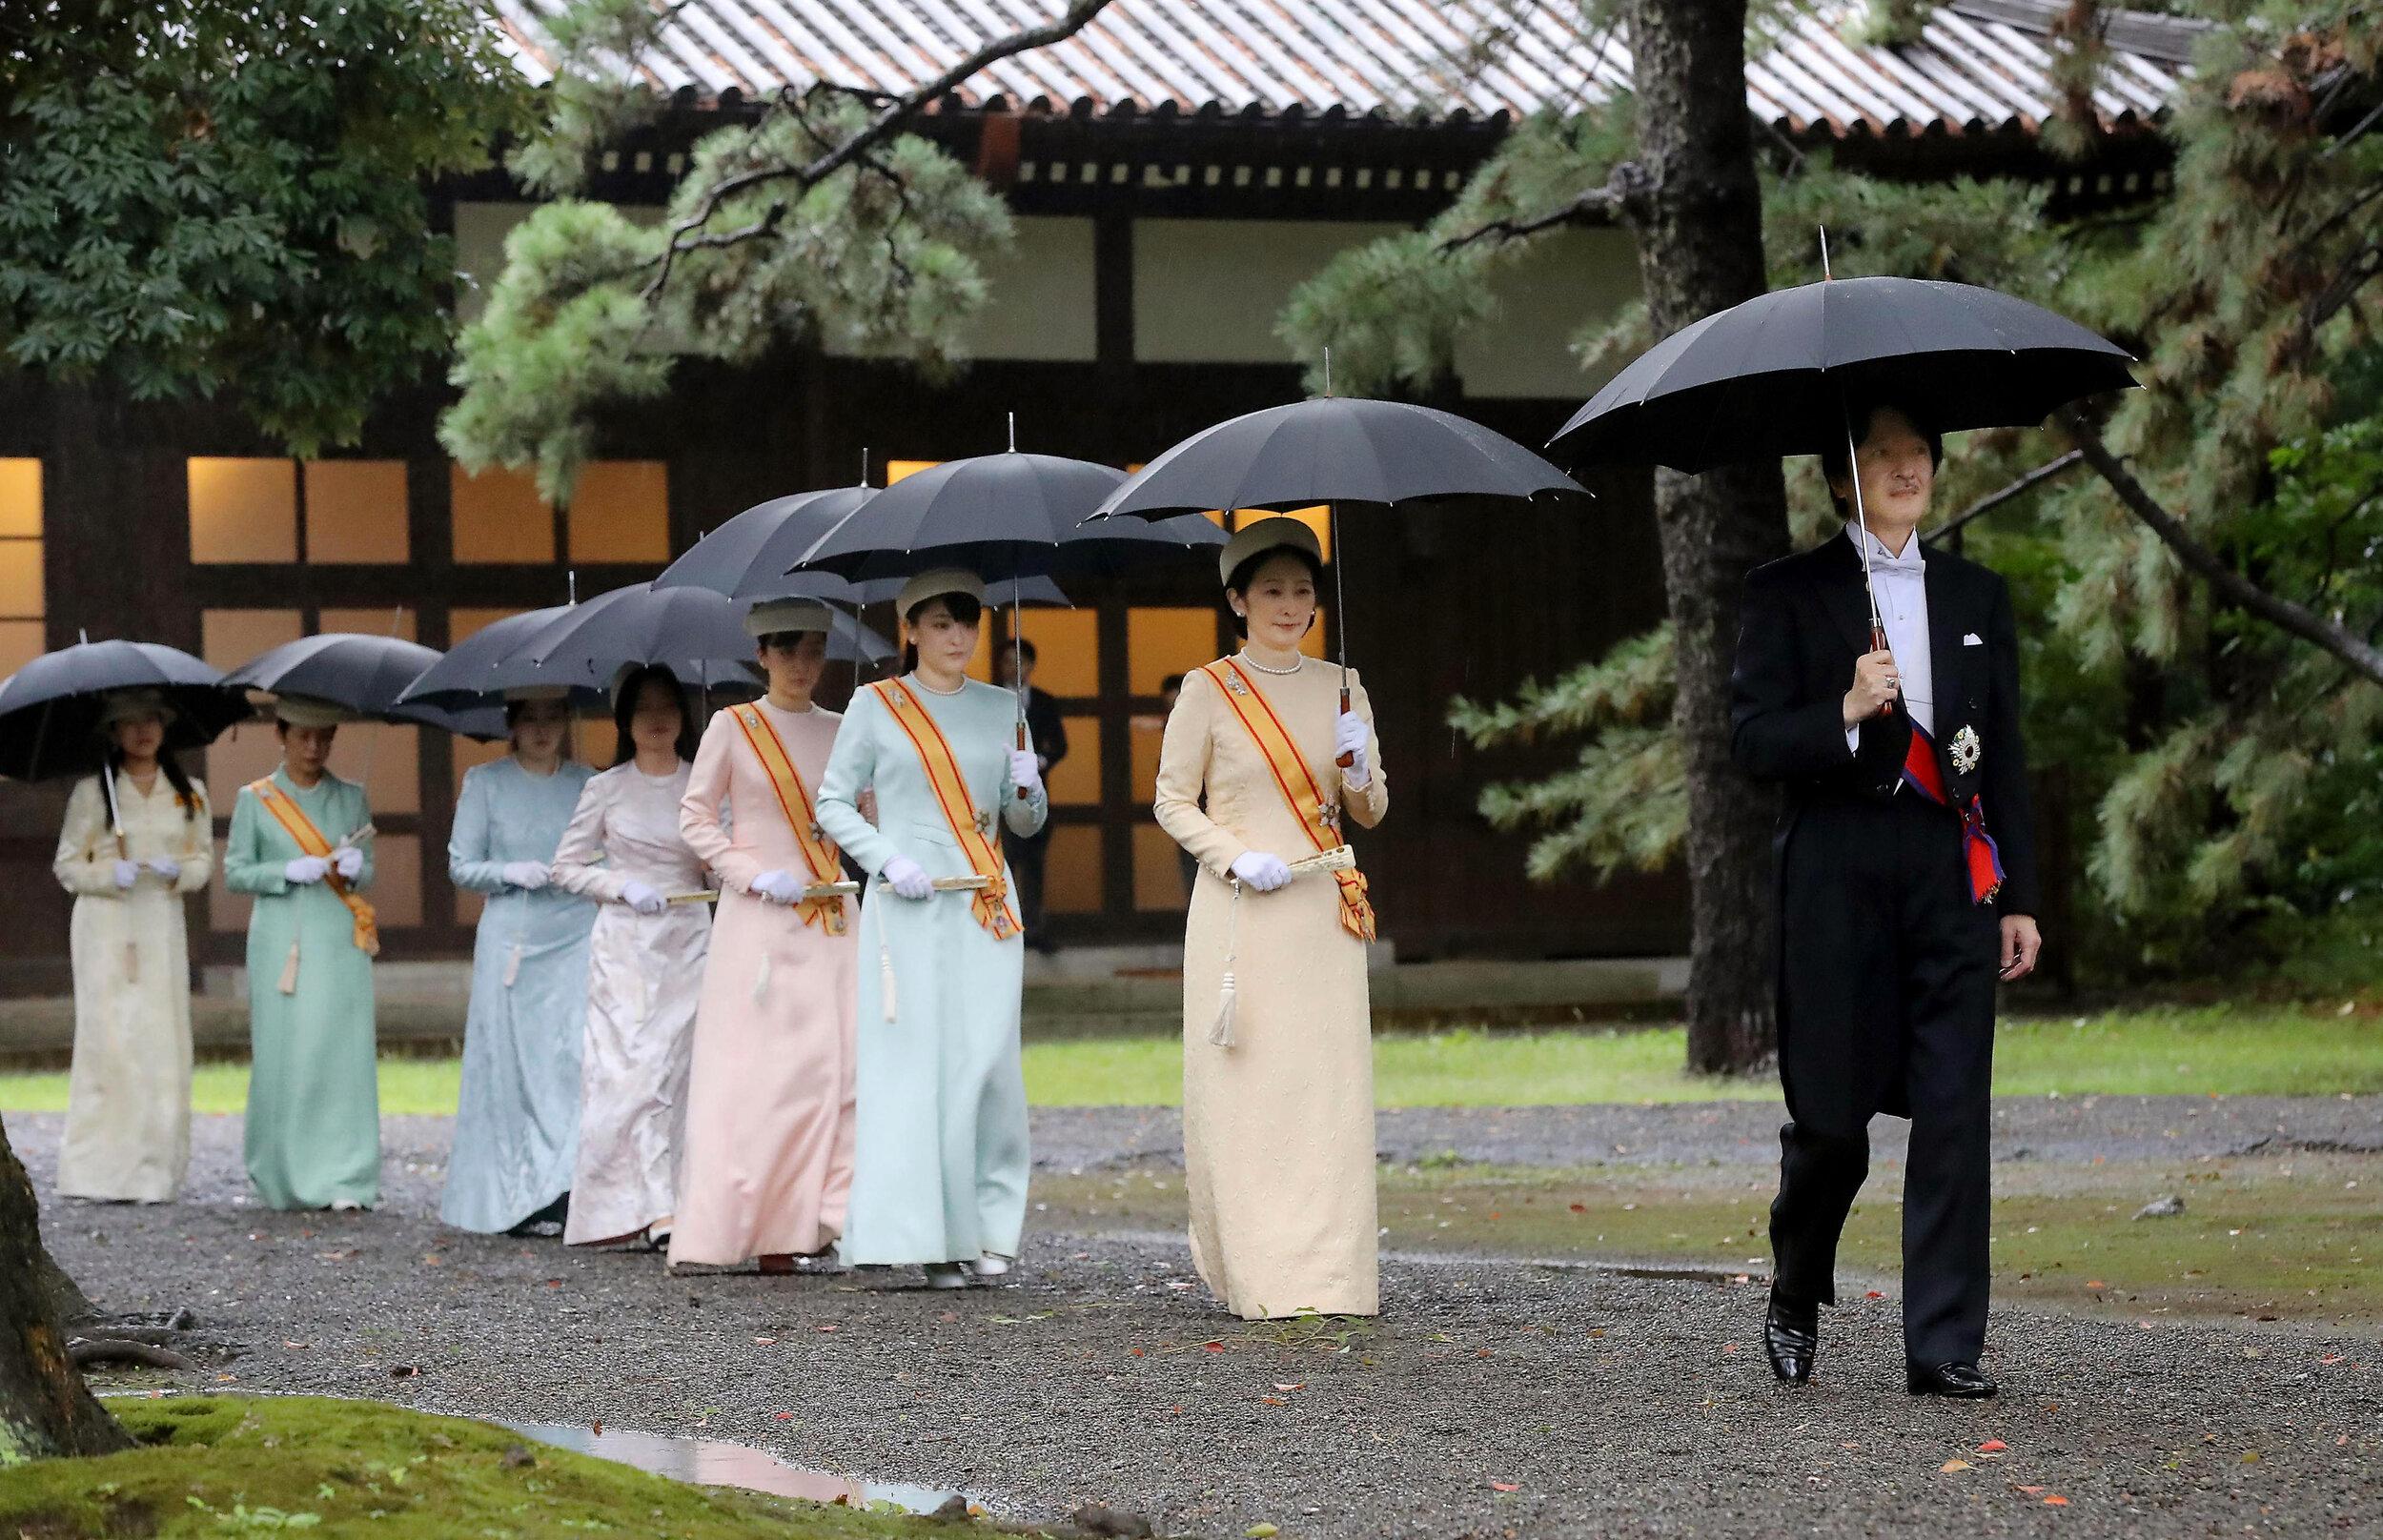 """Angeführt von Kronprinz Akishino und Kronprinzessin Kiko macht sich die japanische Kaiserfamilie auf den Weg in einen der drei Schreine des Kaiserpalastes, um an der """"Kashikodokoro""""-Zeremonie teilzunehmen.  © picture alliance / AP Photo"""